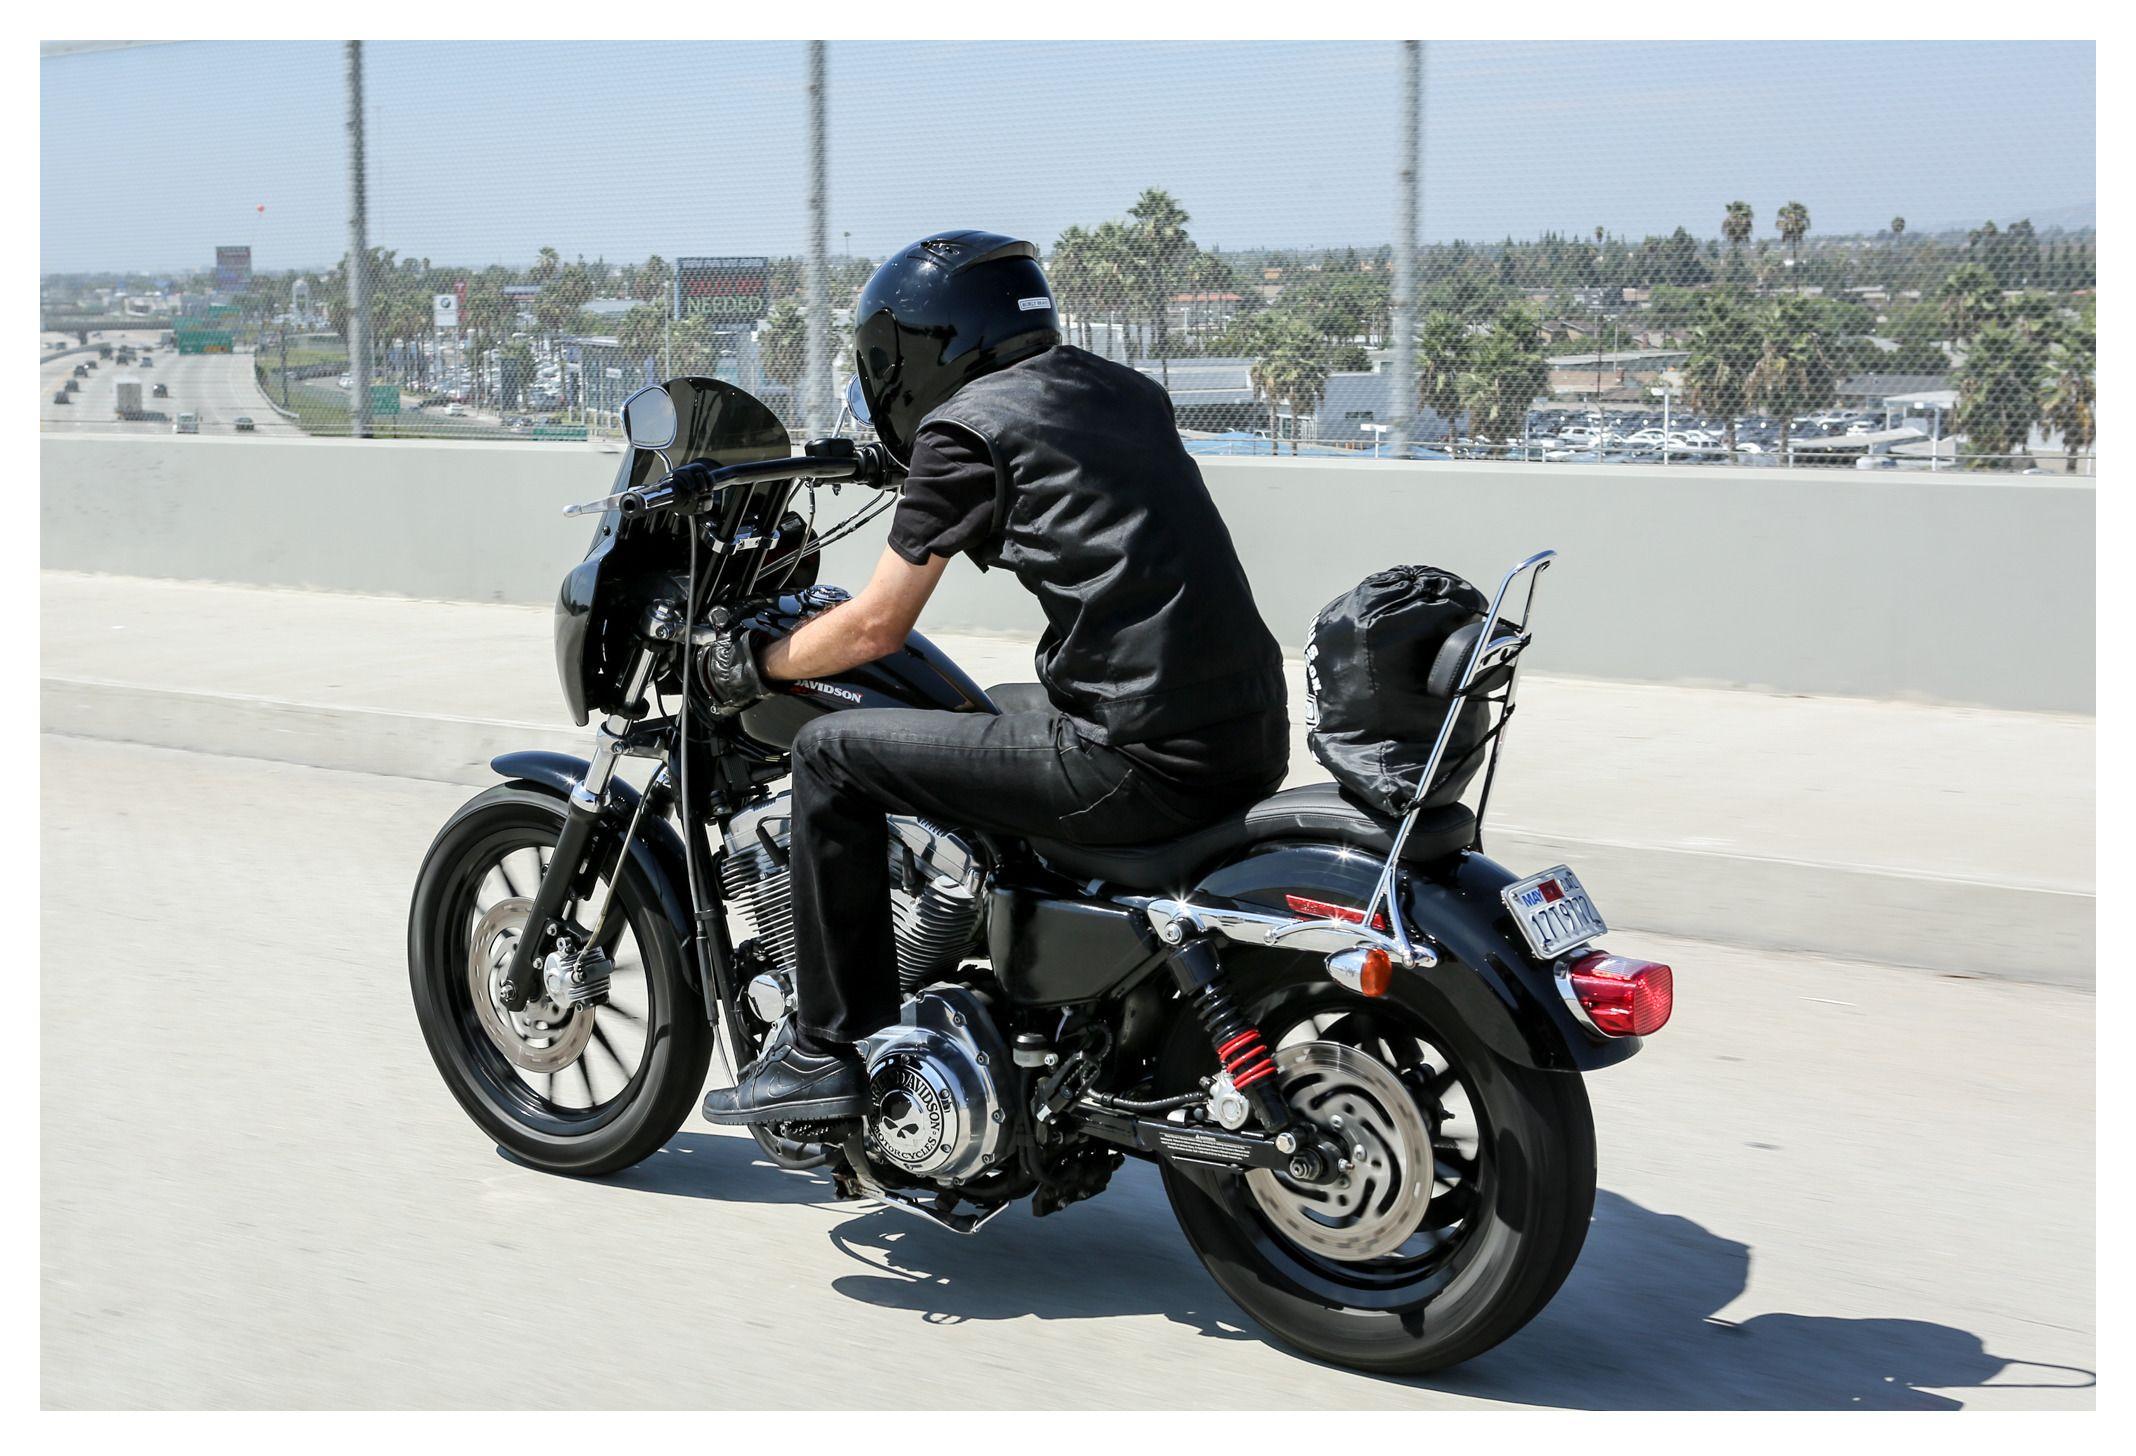 Burly Tall Sissy Bar For Harley 10 2550 Off Revzilla 2014 Xl1200v Wiring Diagram